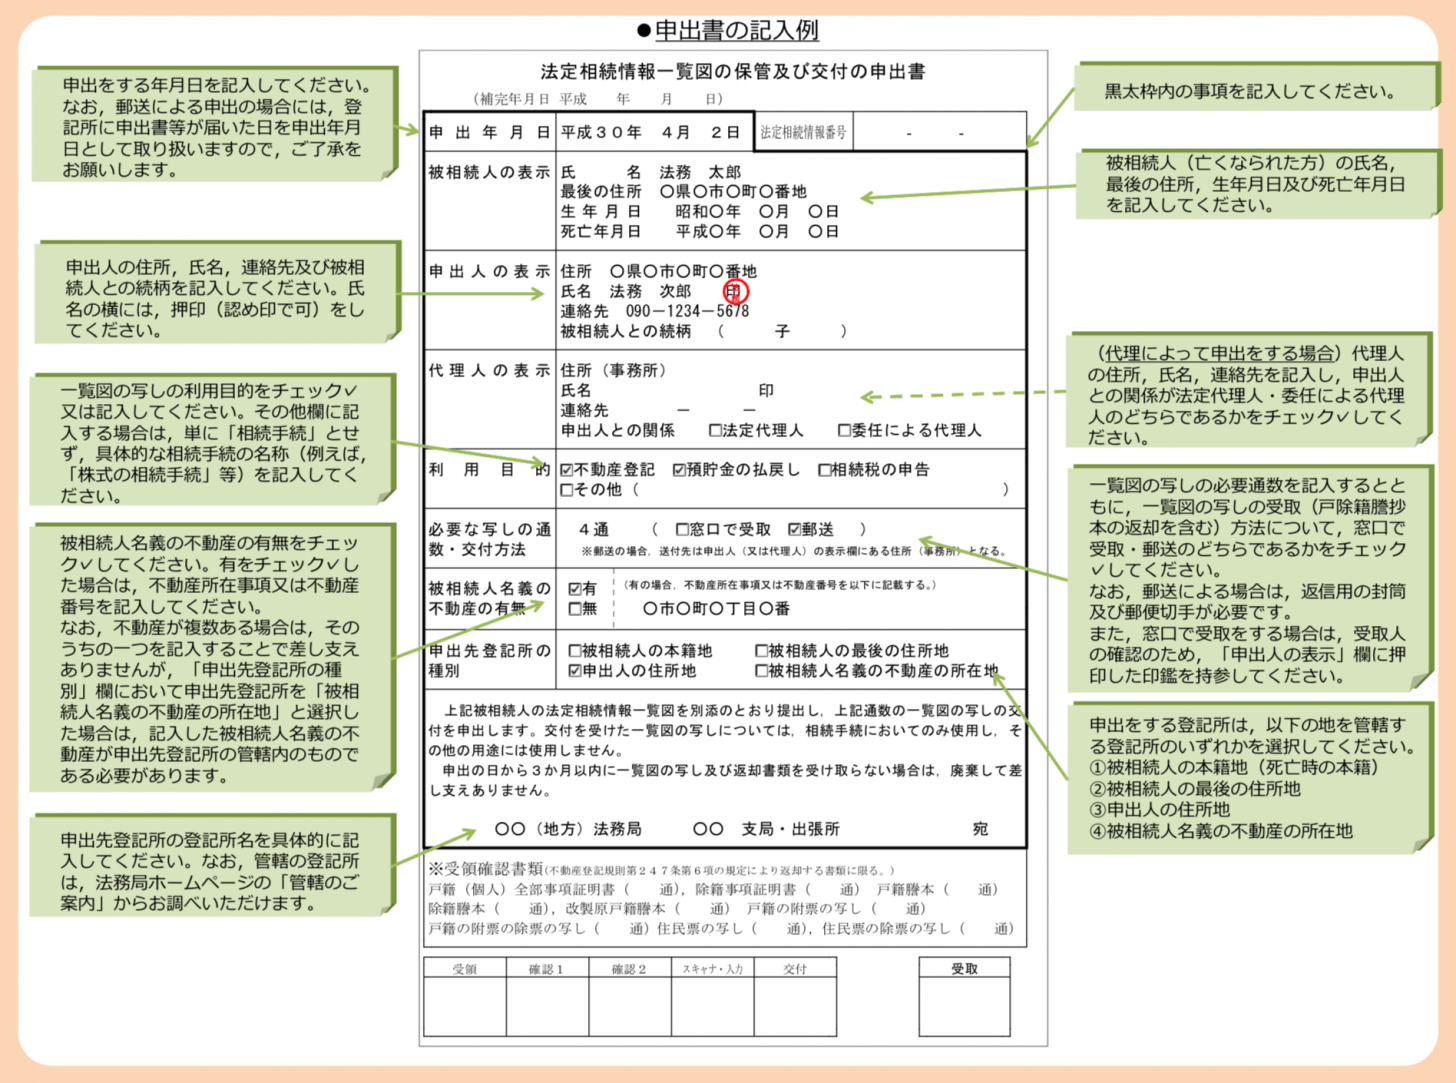 一覧図の保管及び交付の申出書の記入例